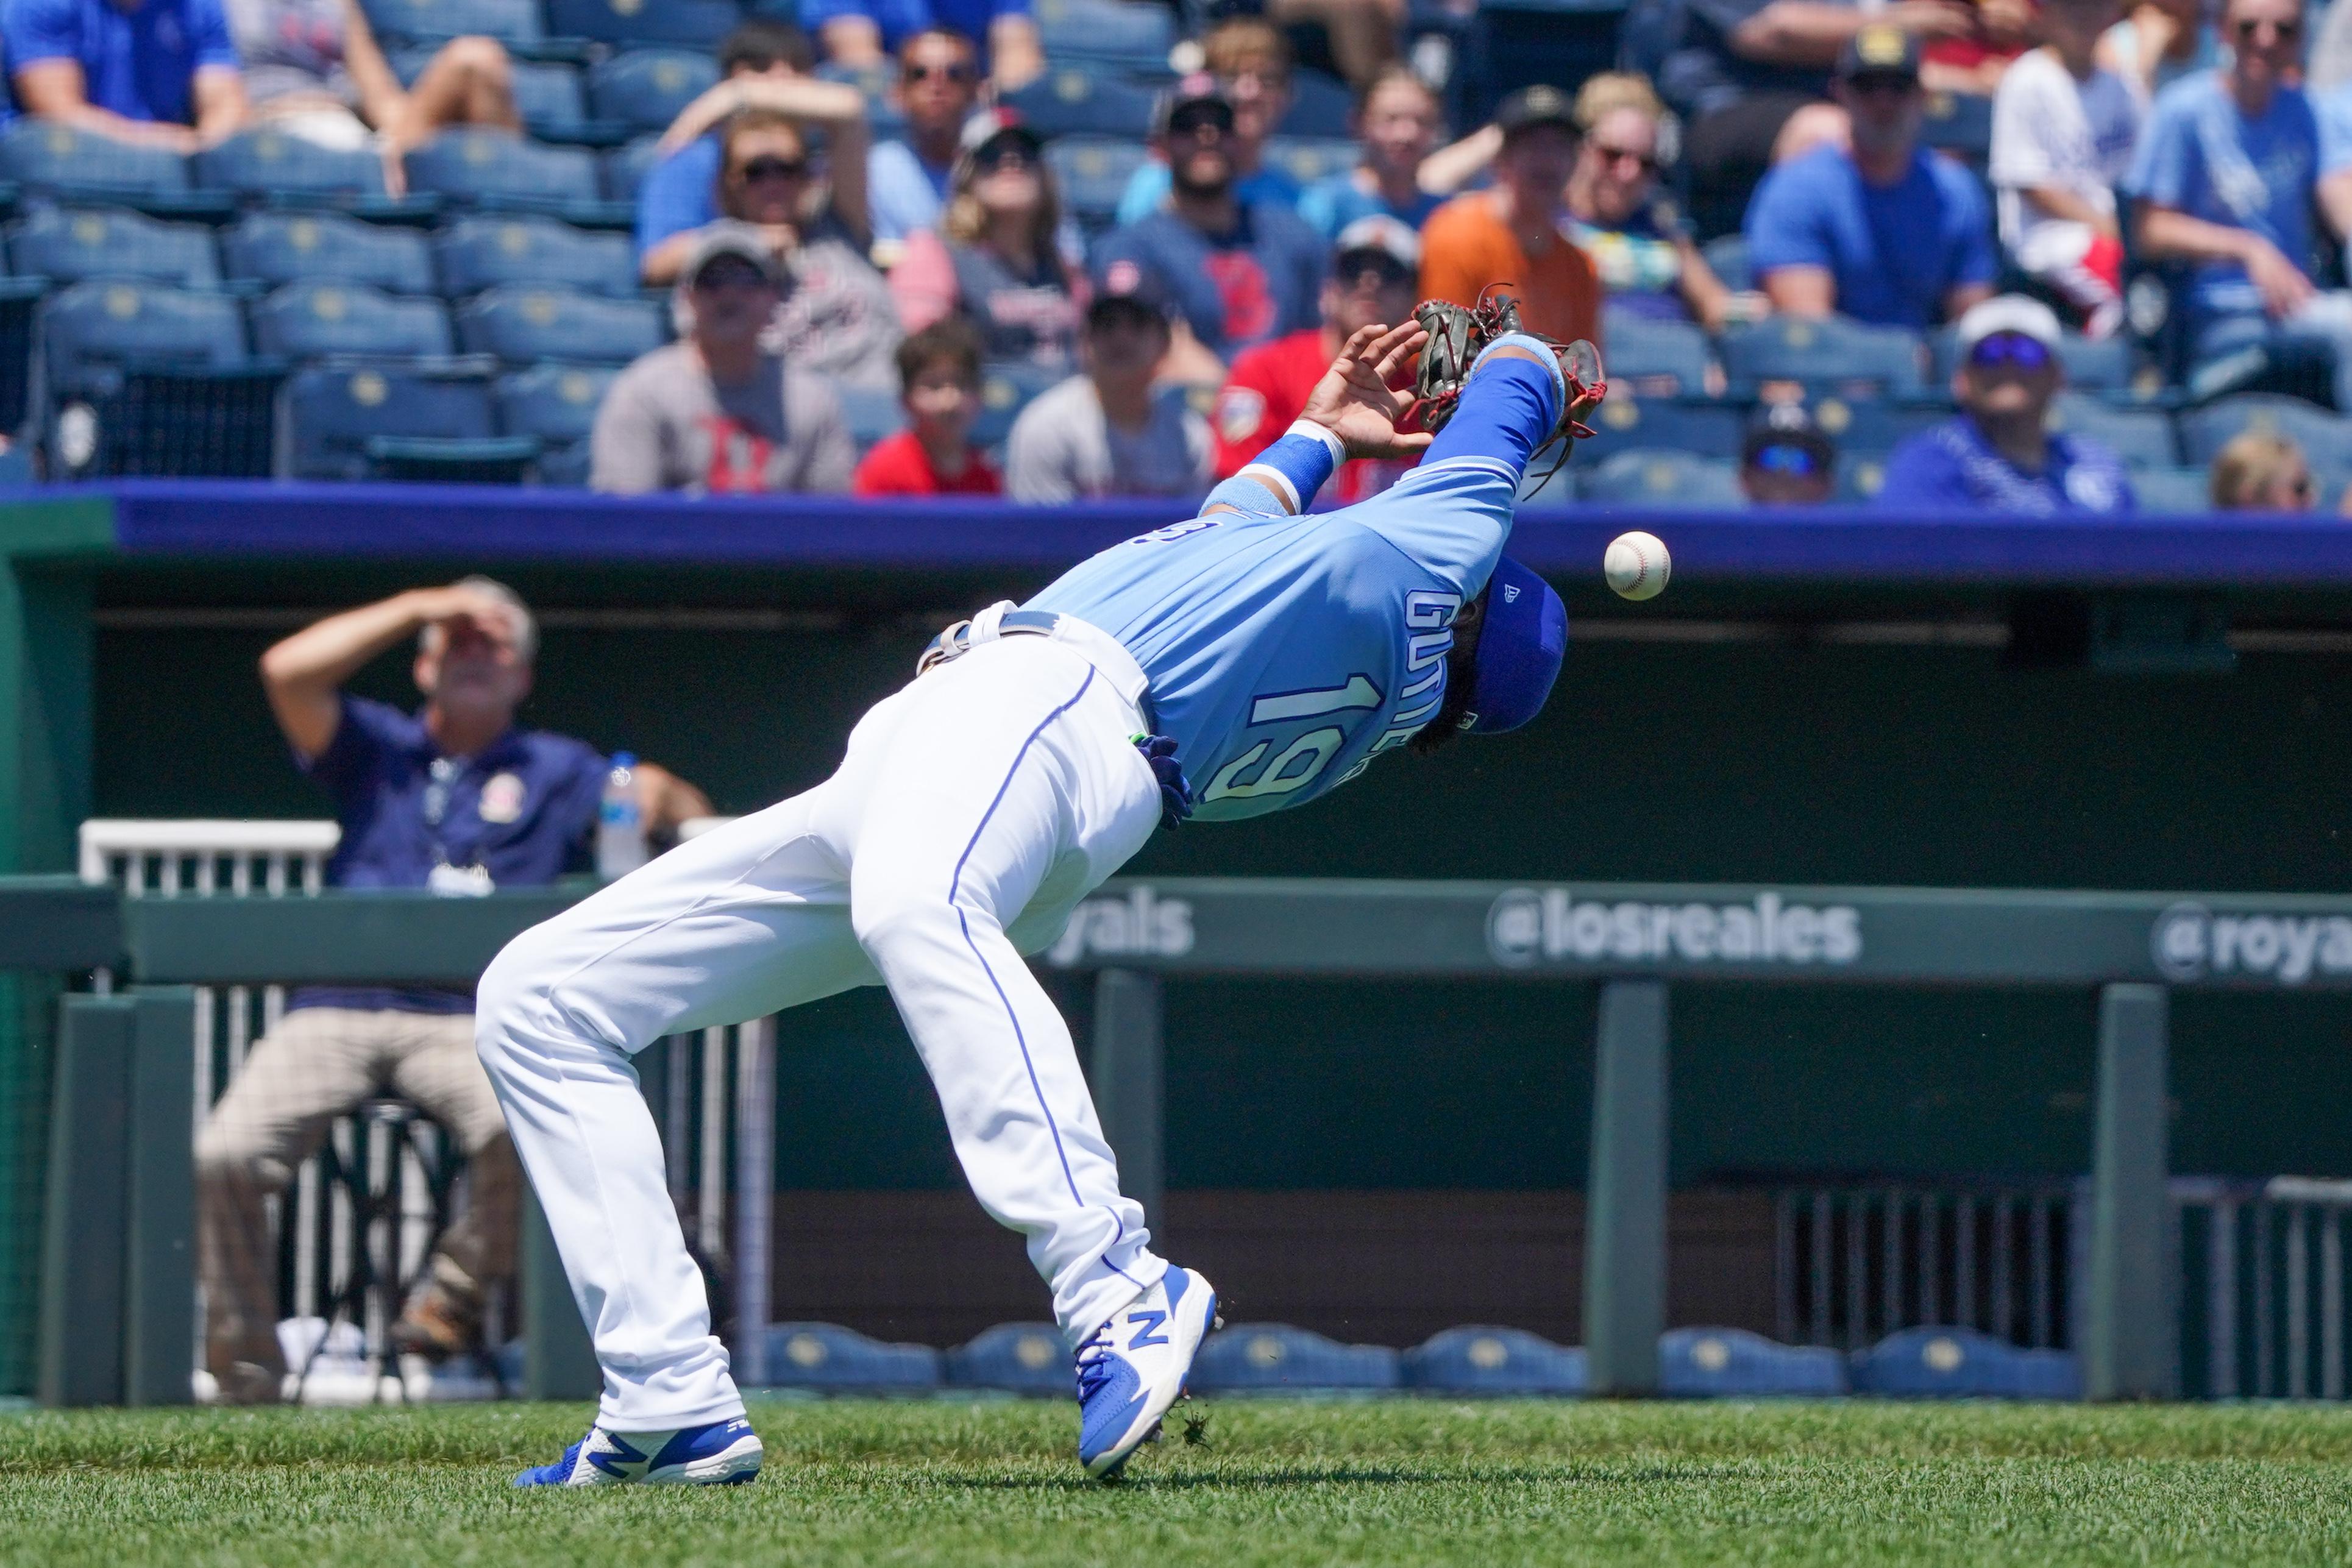 MLB: Boston Red Sox at Kansas City Royals